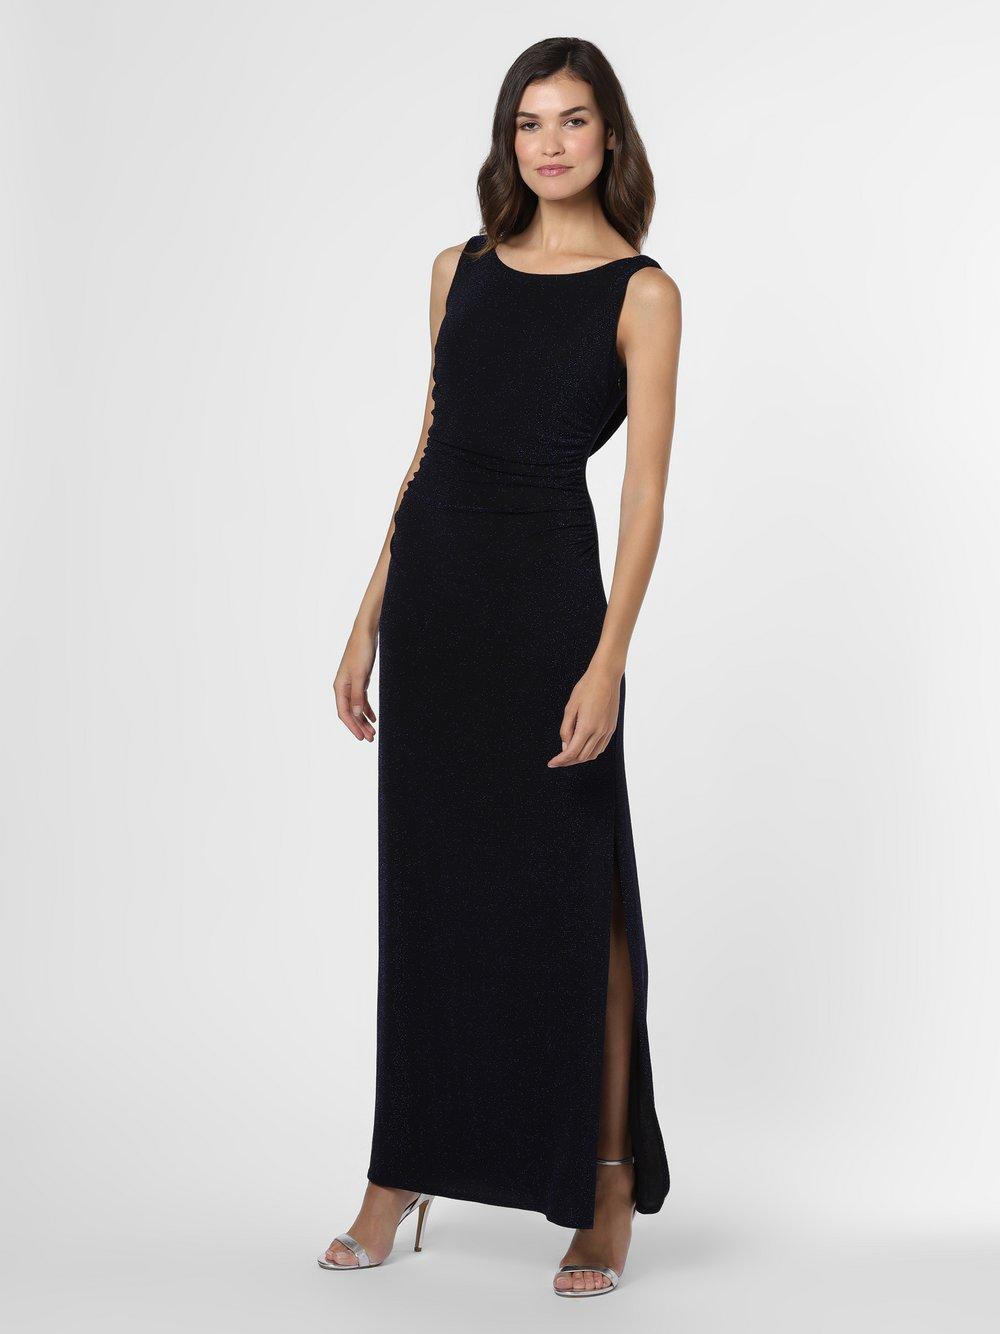 Ambiance – Damska sukienka wieczorowa, niebieski Van Graaf 449992-0004-00380